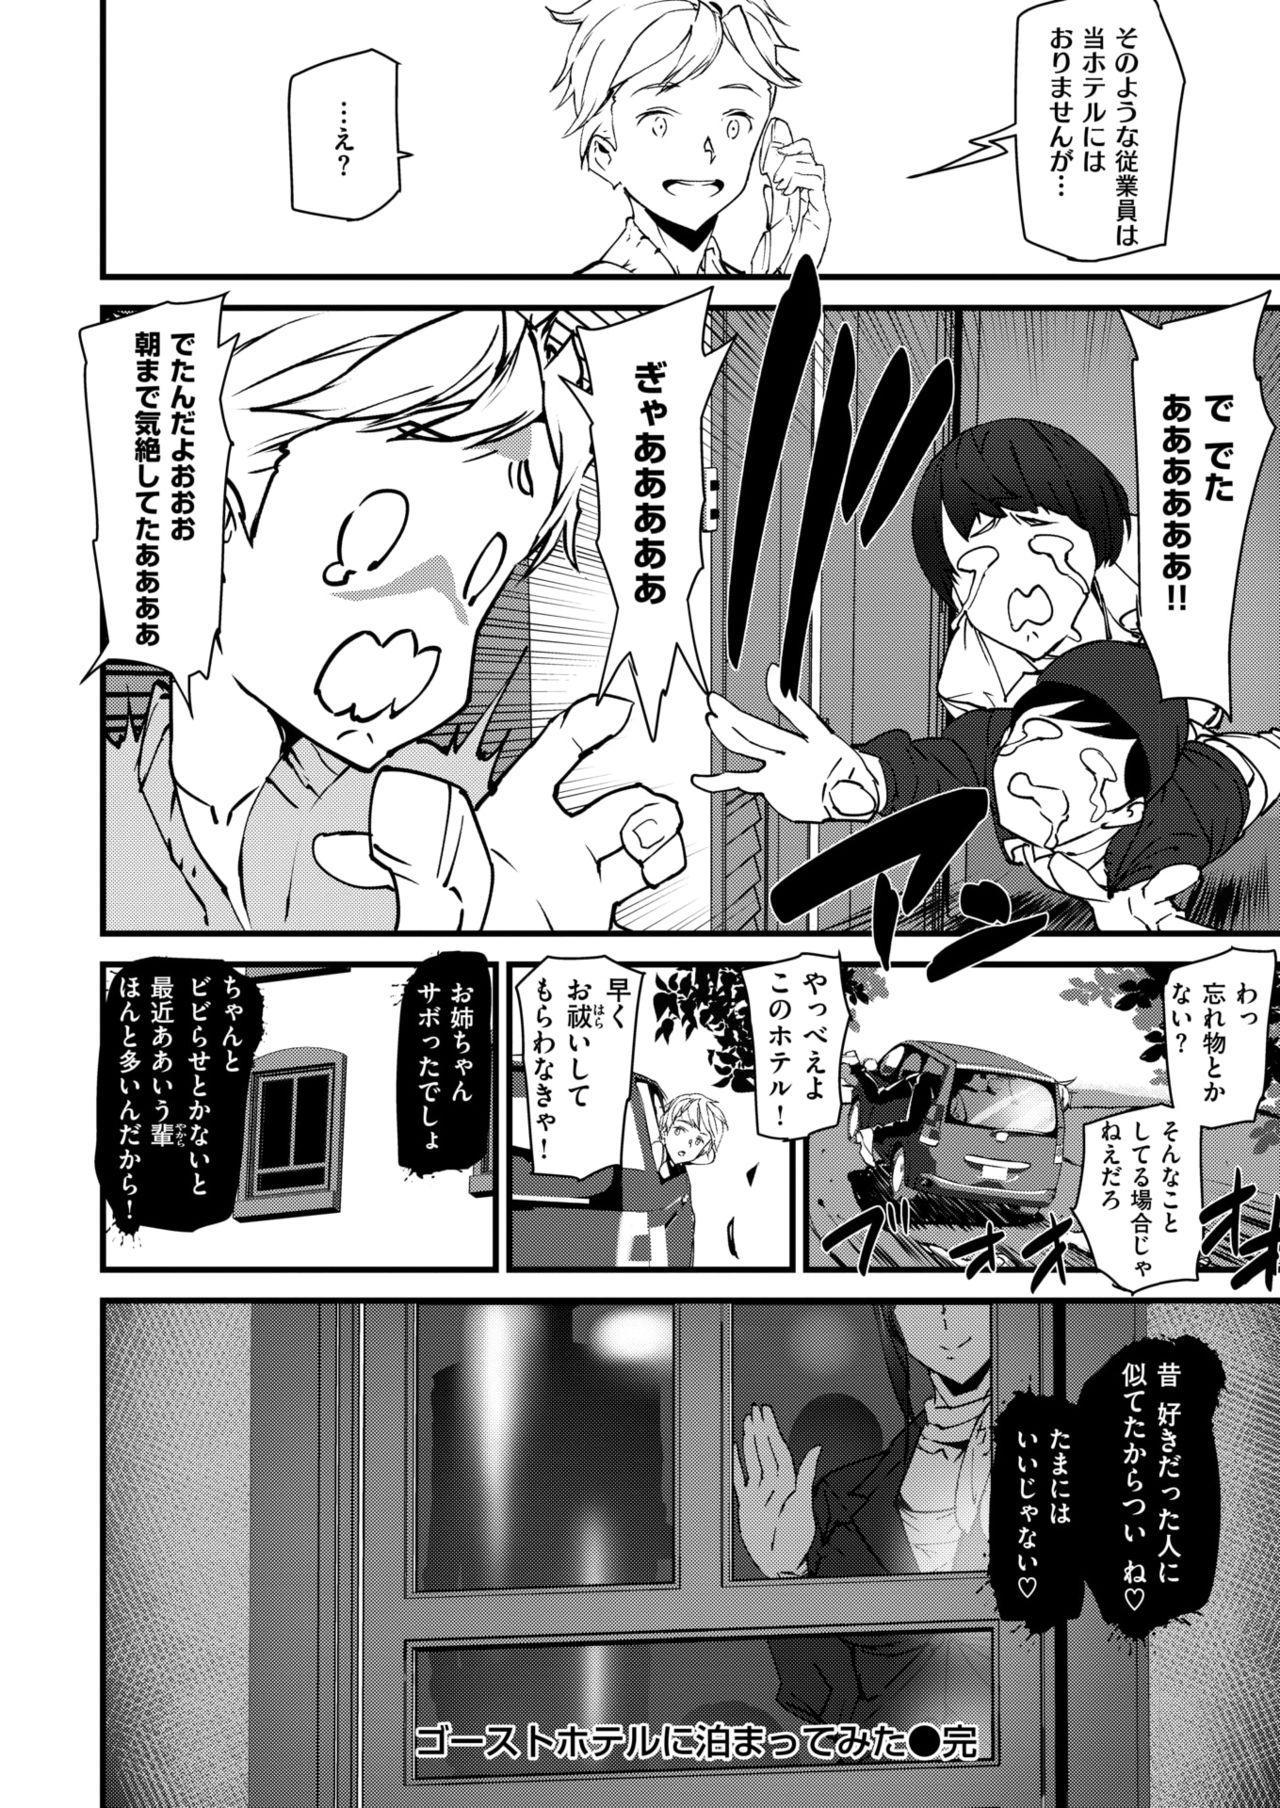 COMIC Kairakuten 2019-01 310